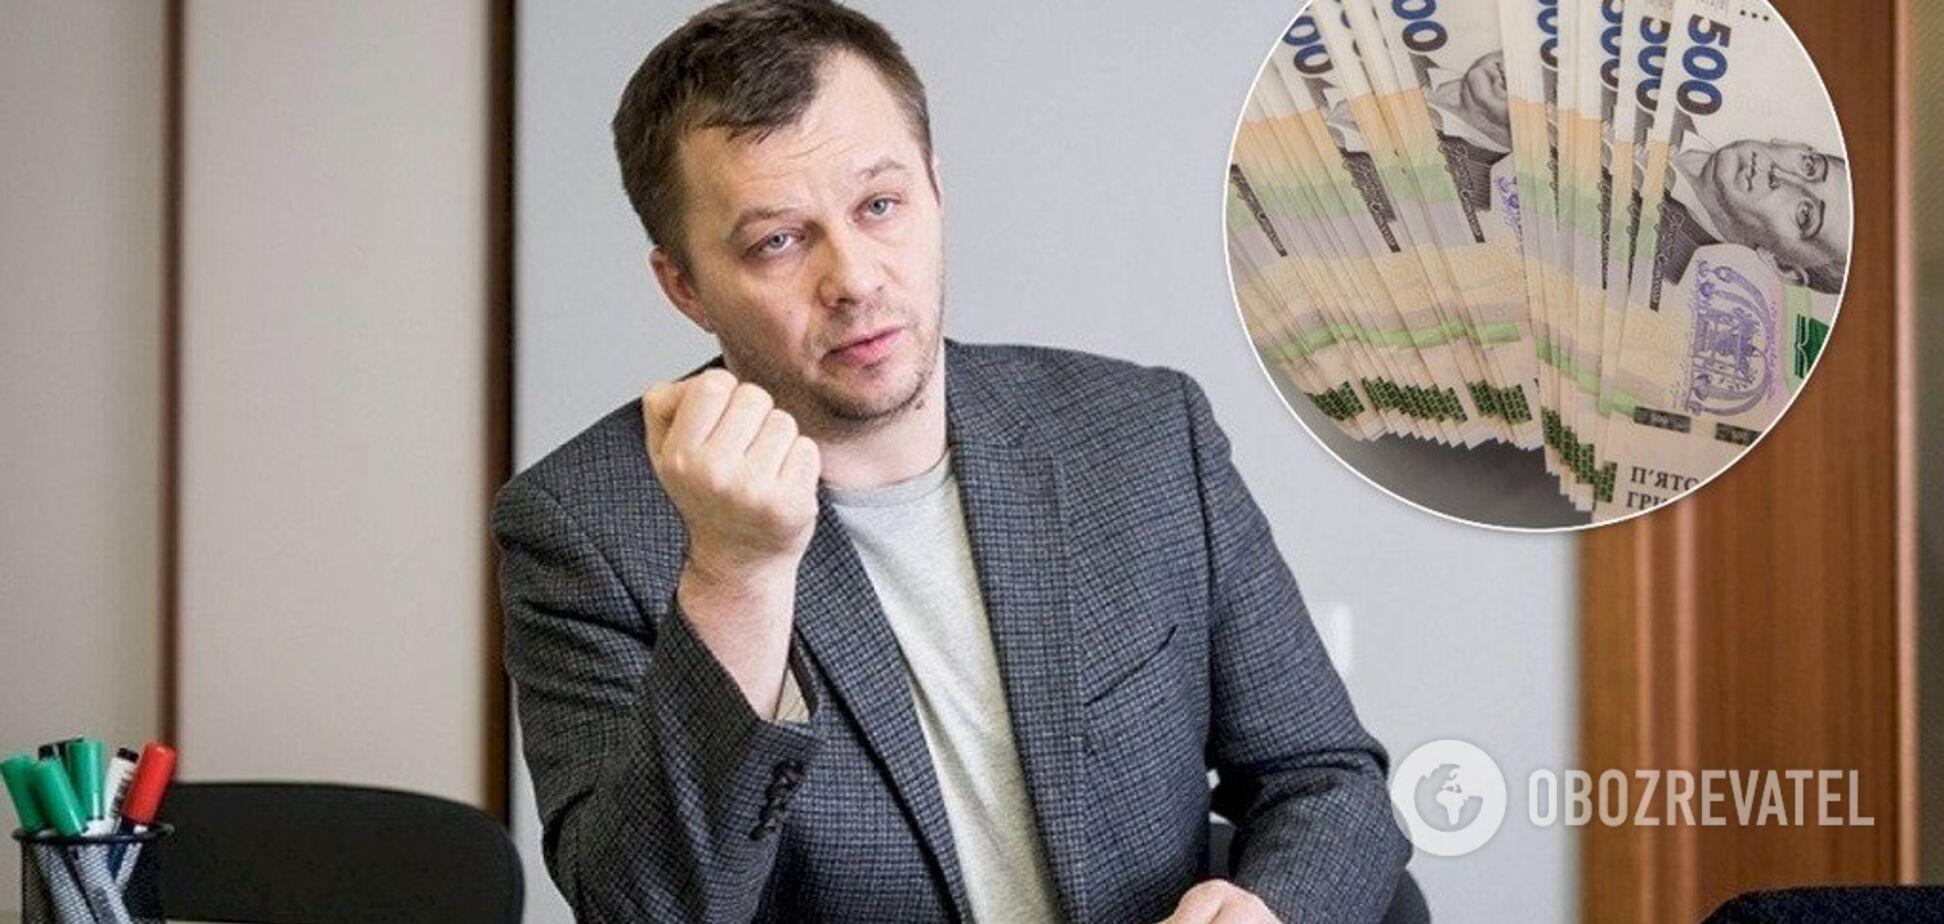 Милованов розкритикував Шмигаля за звільнення Верланова і Нефьодова